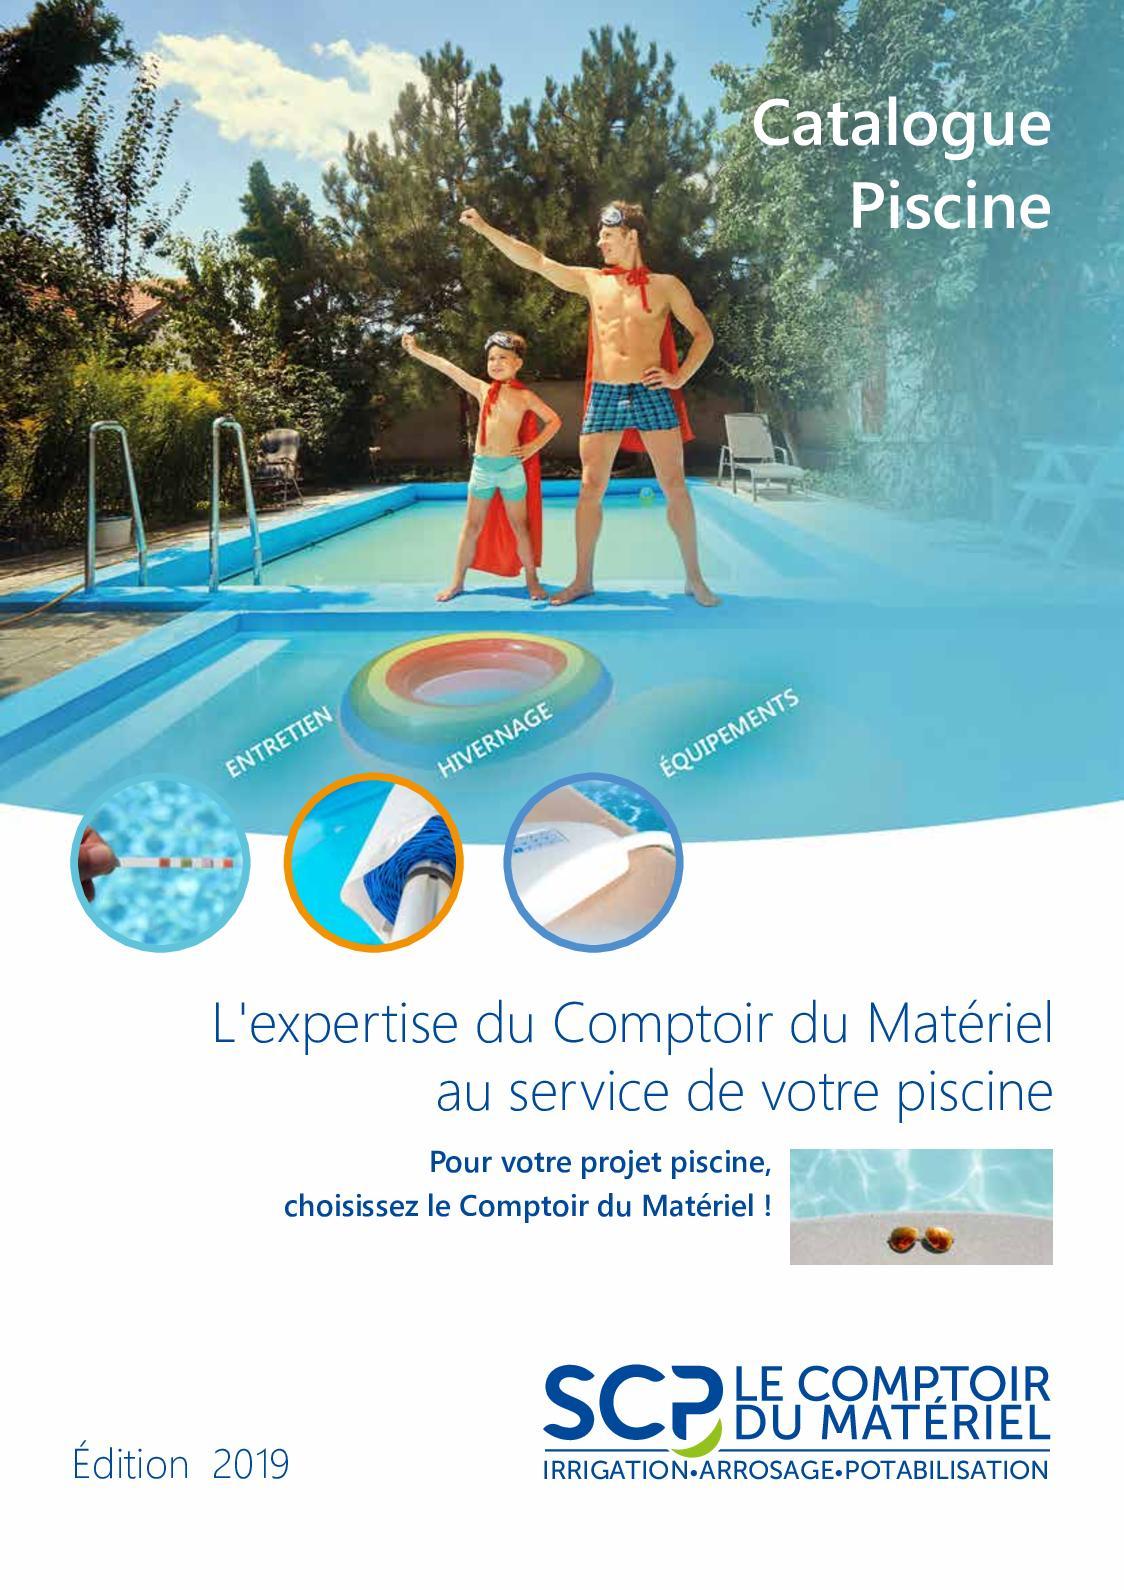 Calaméo - Catalogue Piscine 2019 tout Sulfate De Cuivre Pour Piscine